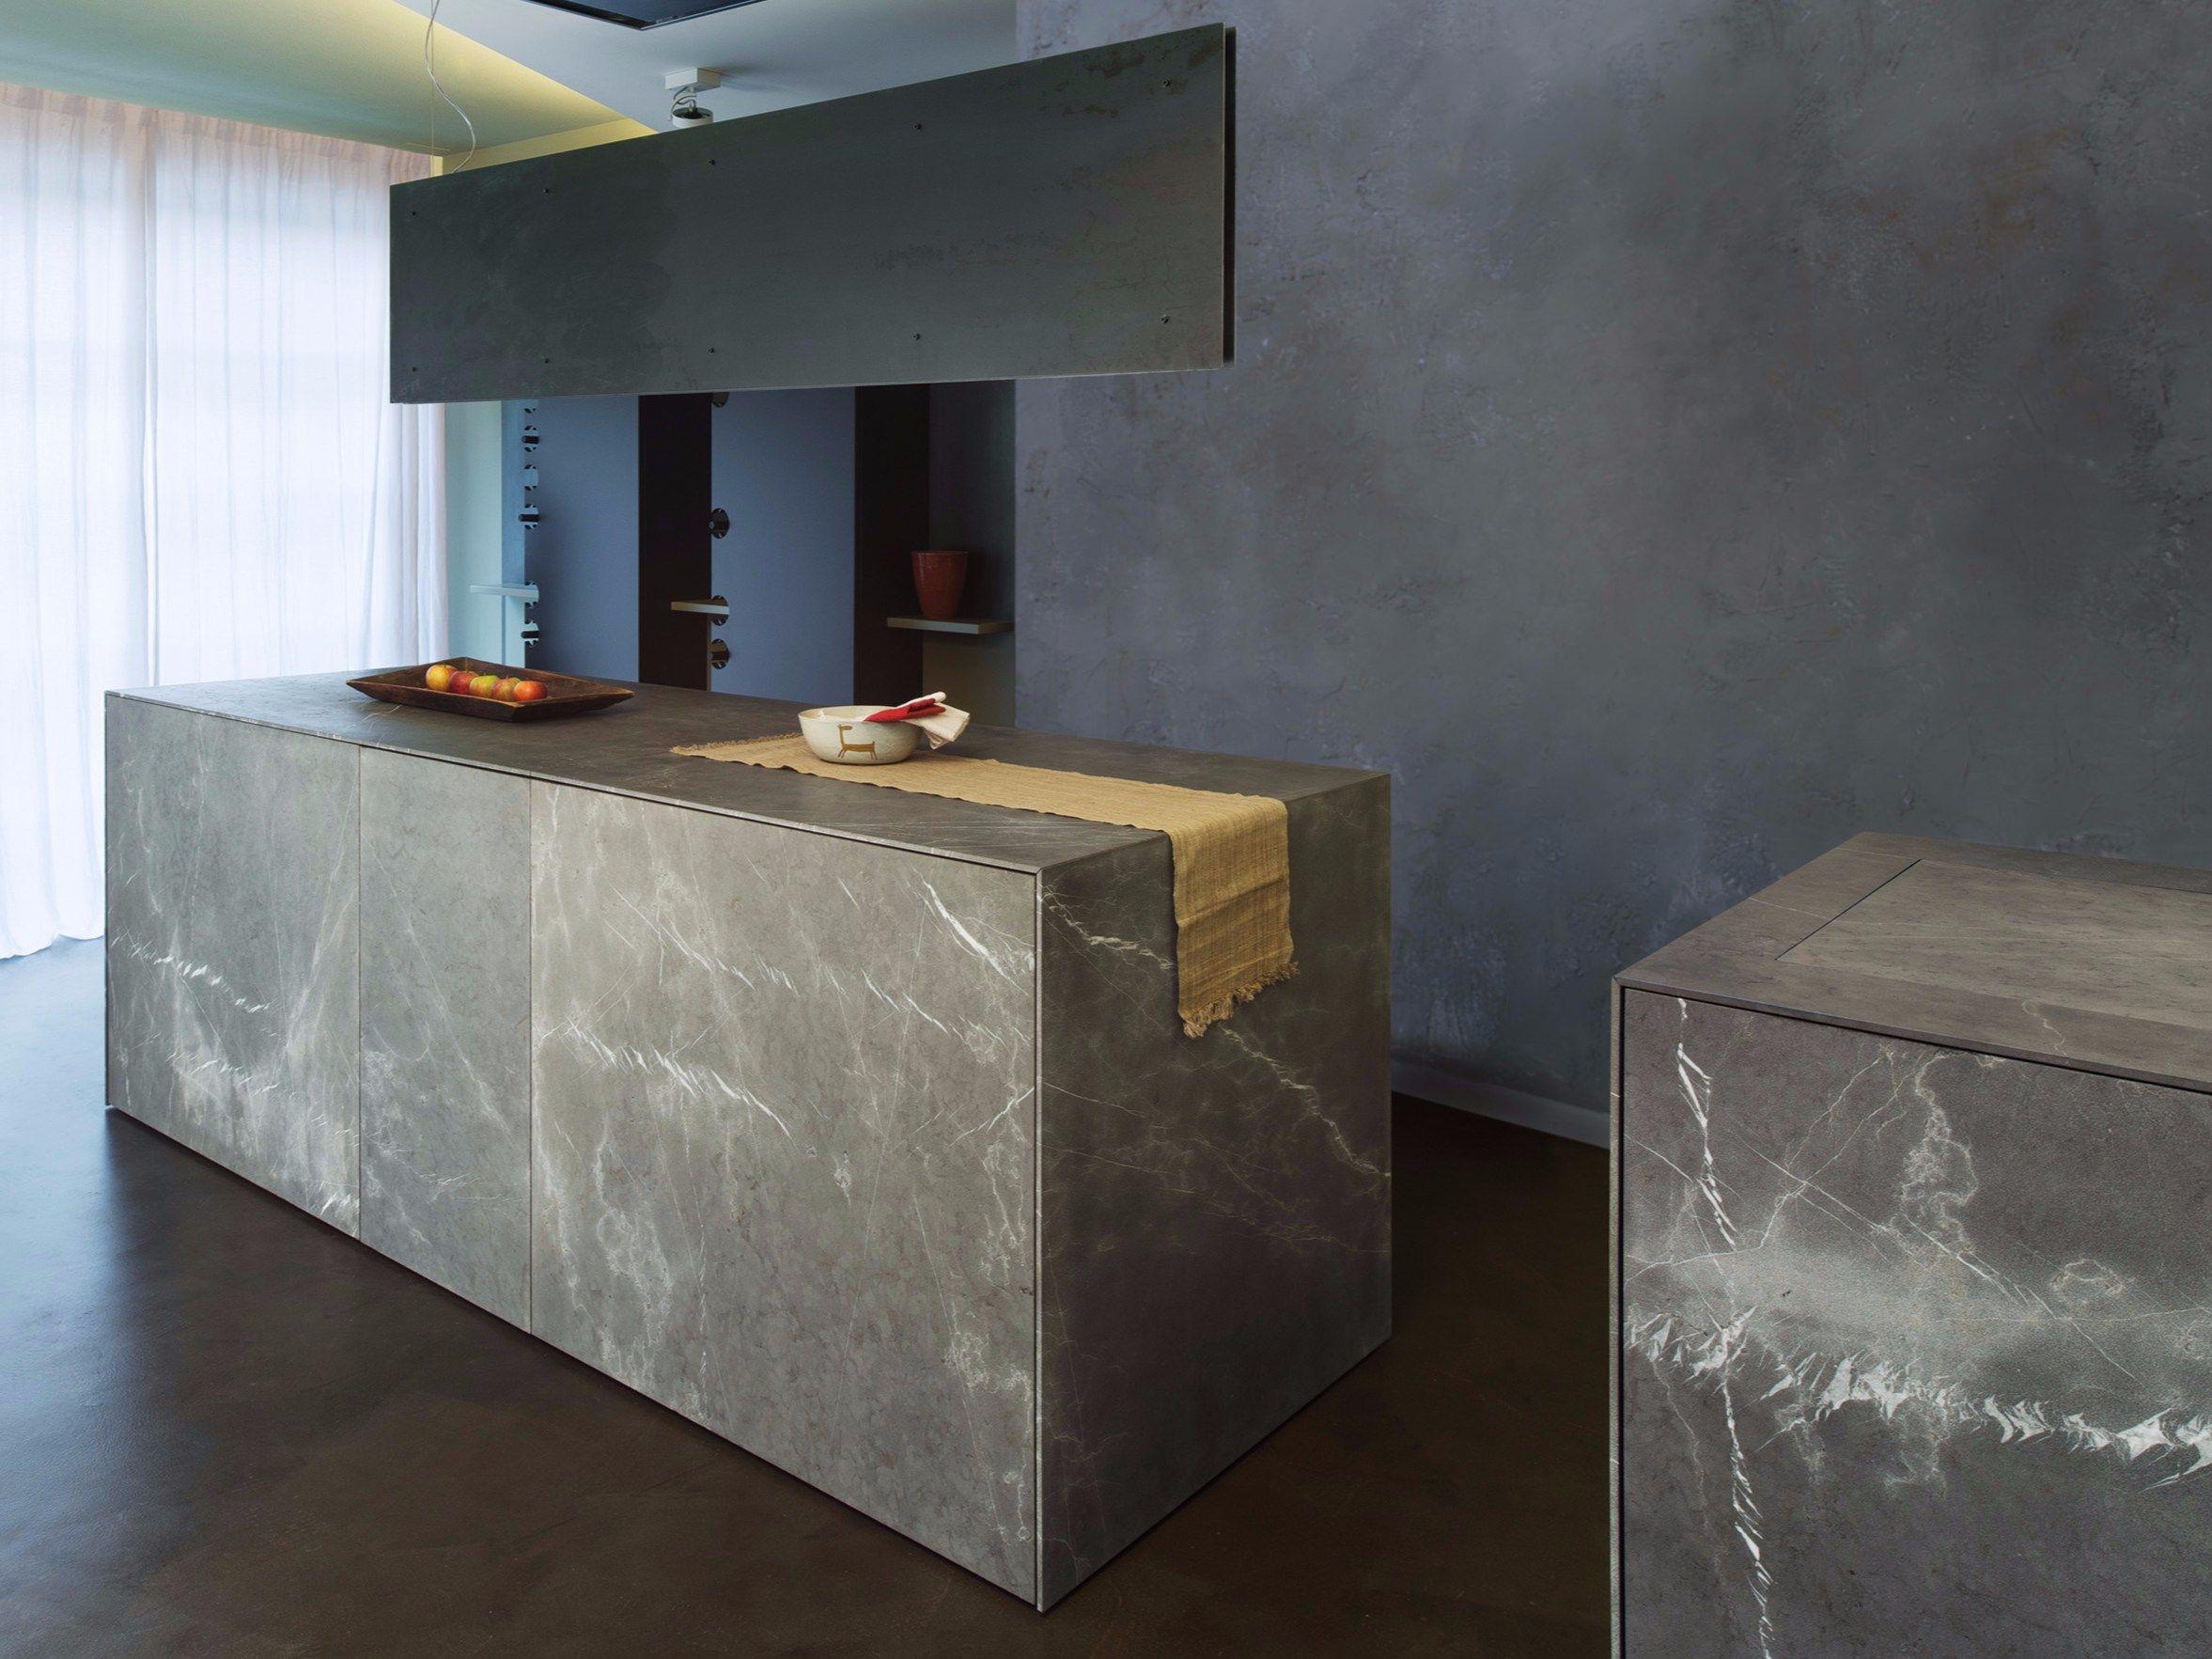 D90 cucina in pietra naturale by tm italia cucine - Top cucina pietra naturale ...